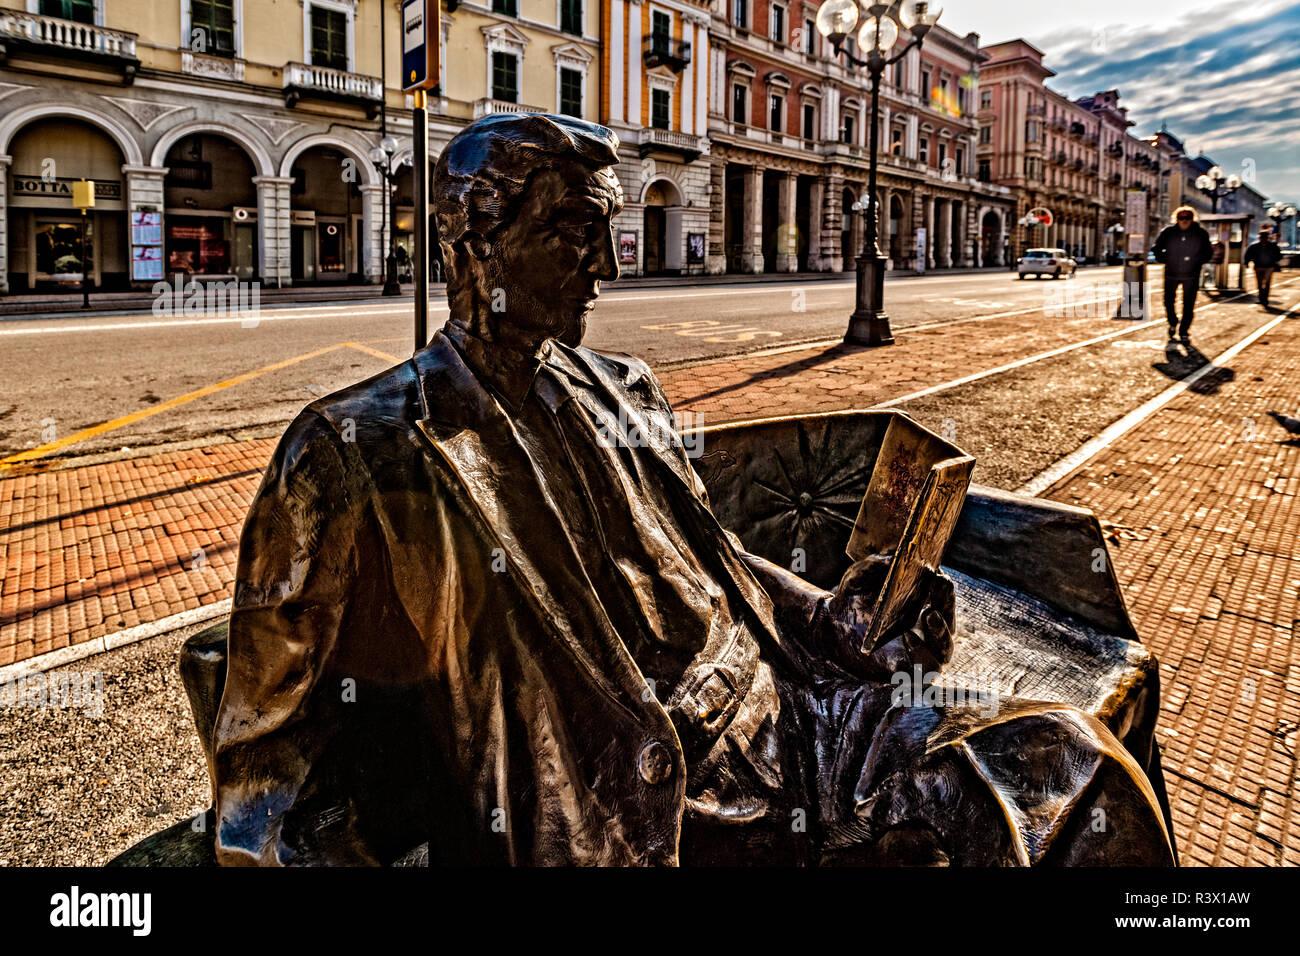 Italy Piedmont Cuneo Corso NIzza Statue from a Idea od  Antonio Sartoris and make from Gaetano Usciatta - Title ' Ulisse' - Stock Image